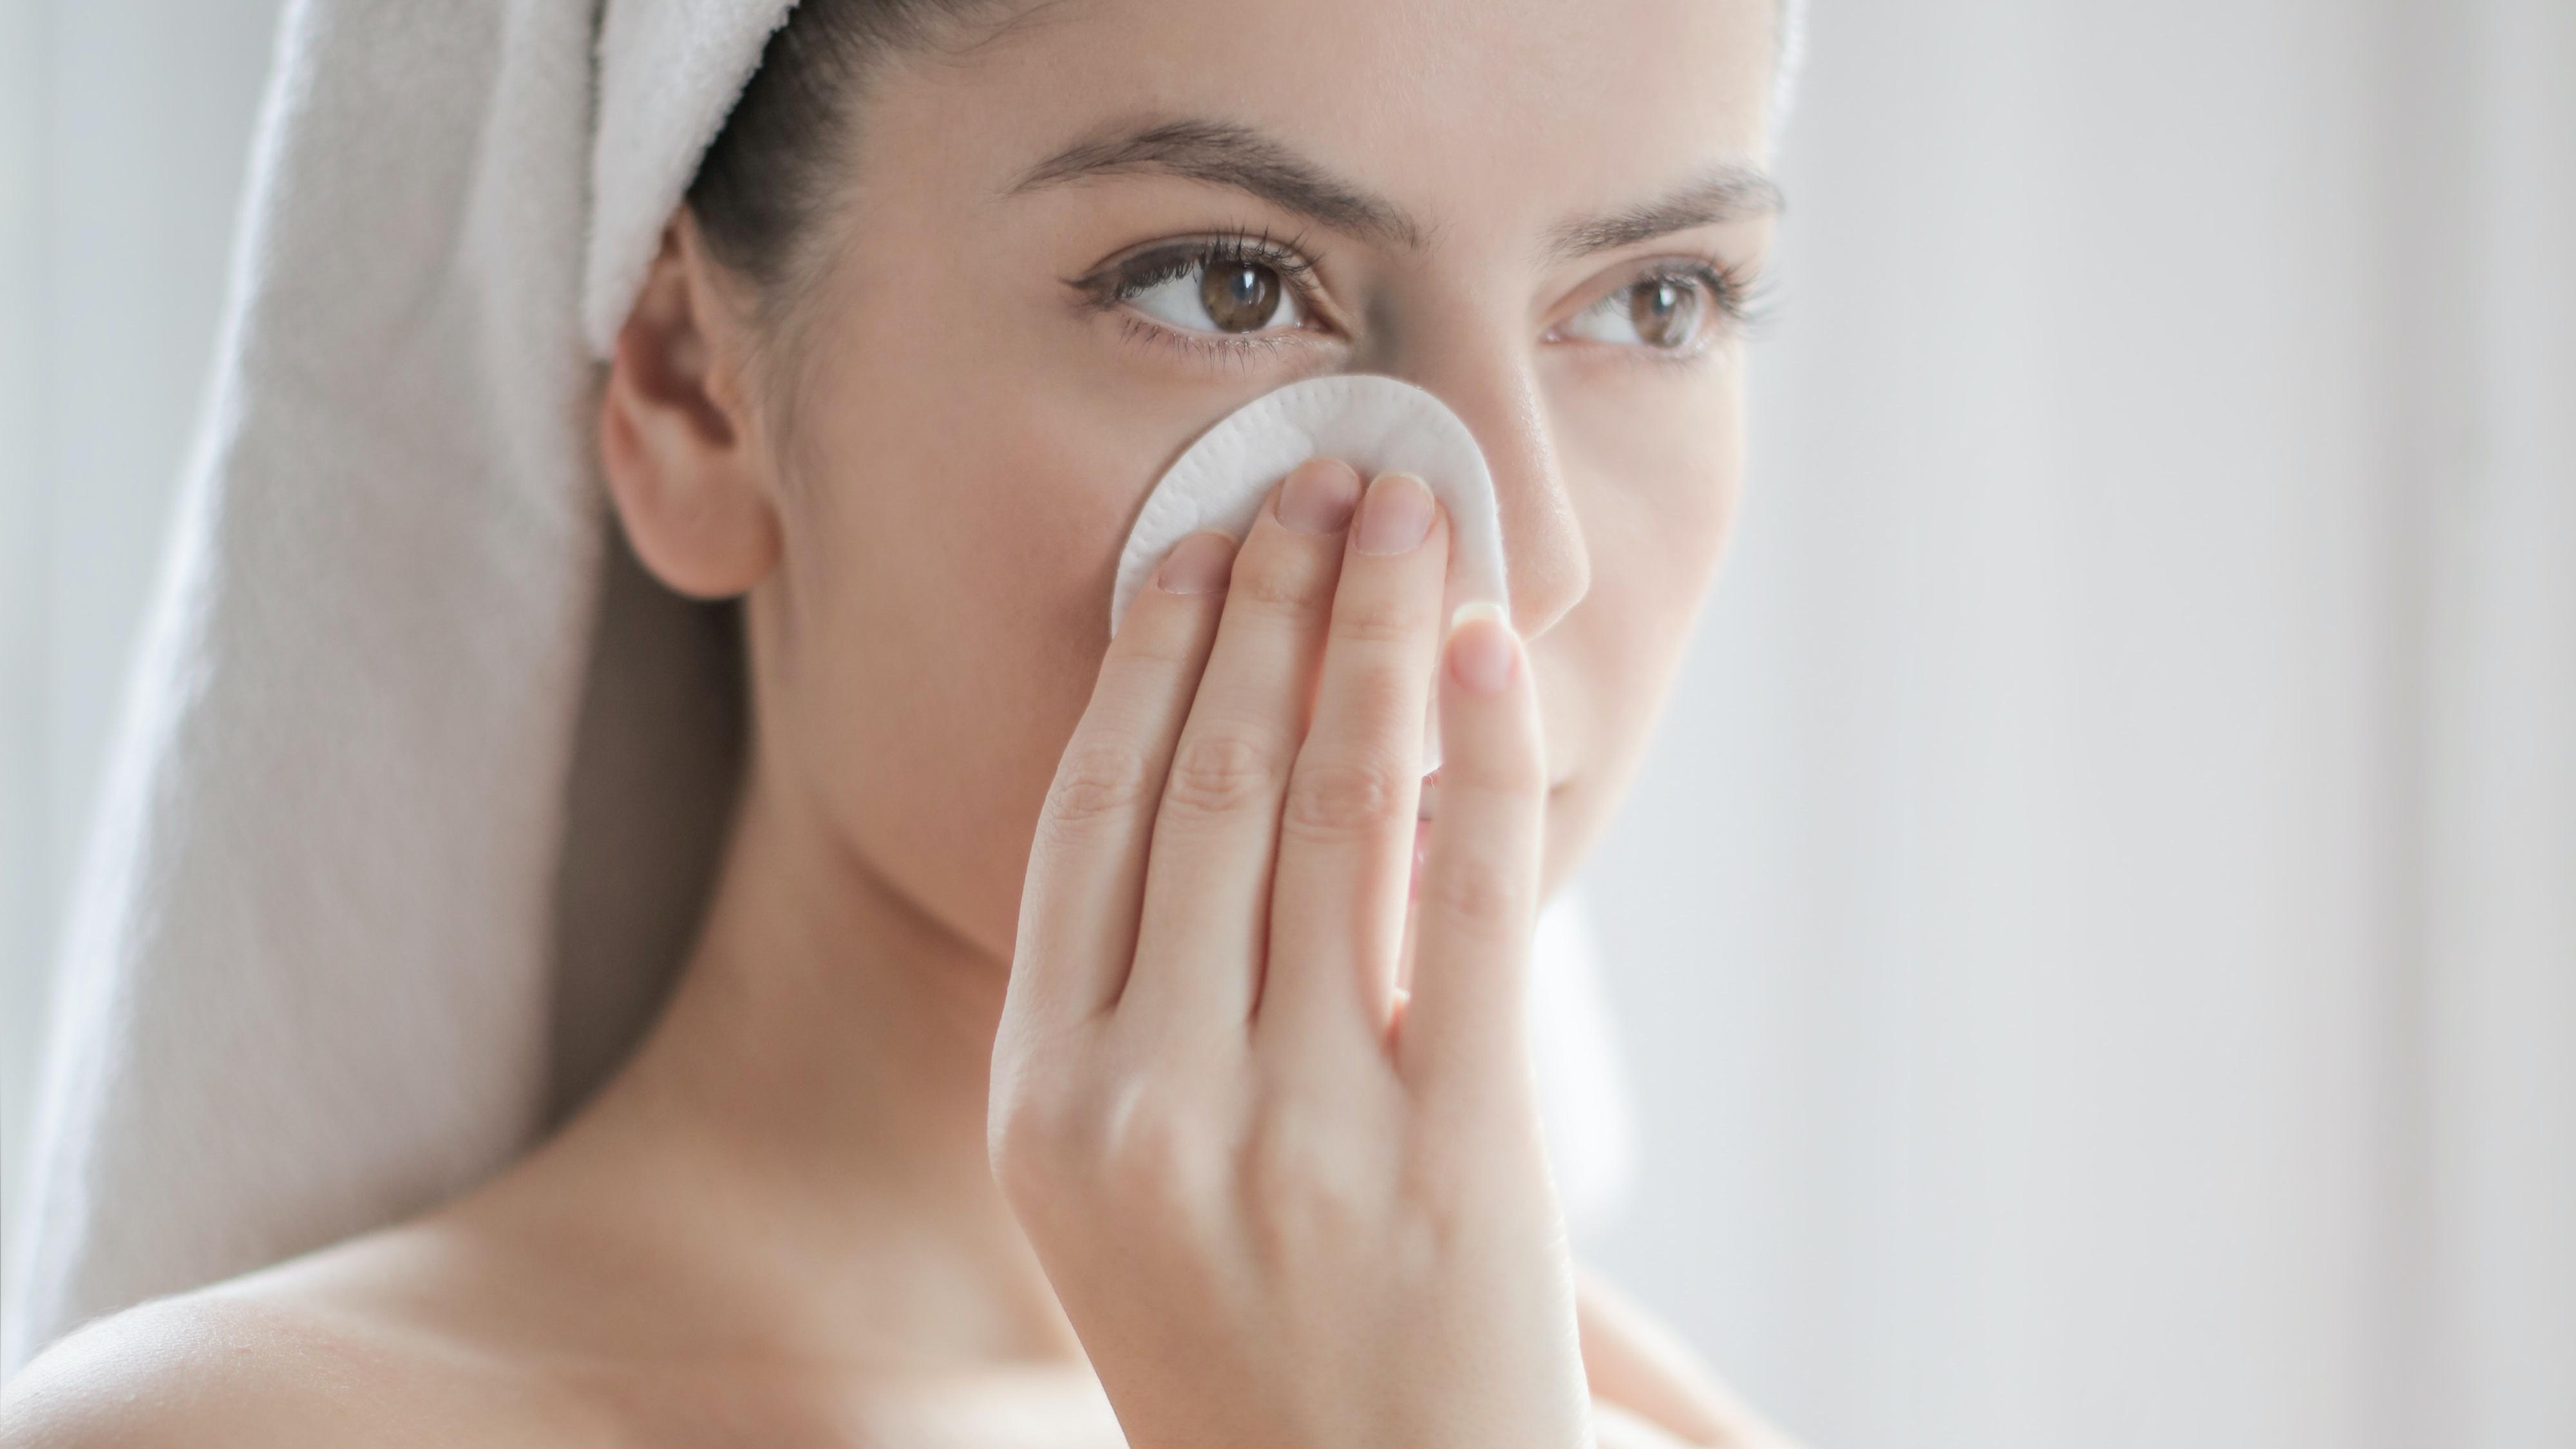 Gesichtsöl für trockene Haut: Dieses können Sie verwenden